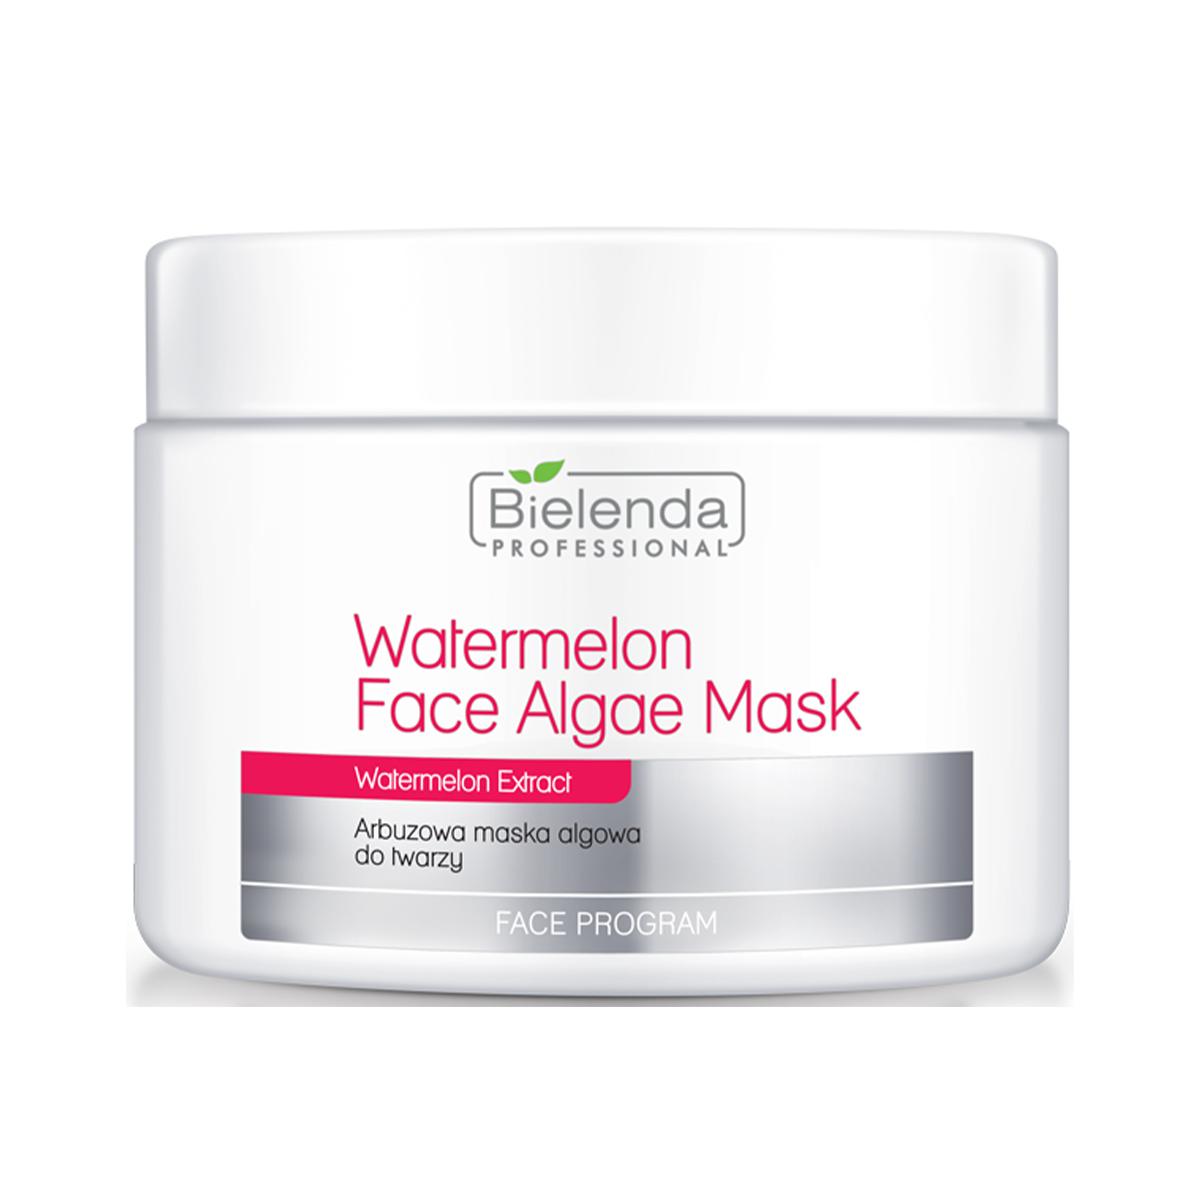 BIELENDA PROFESSIONAL Арбузная альгинатная маска для лица,  190г.